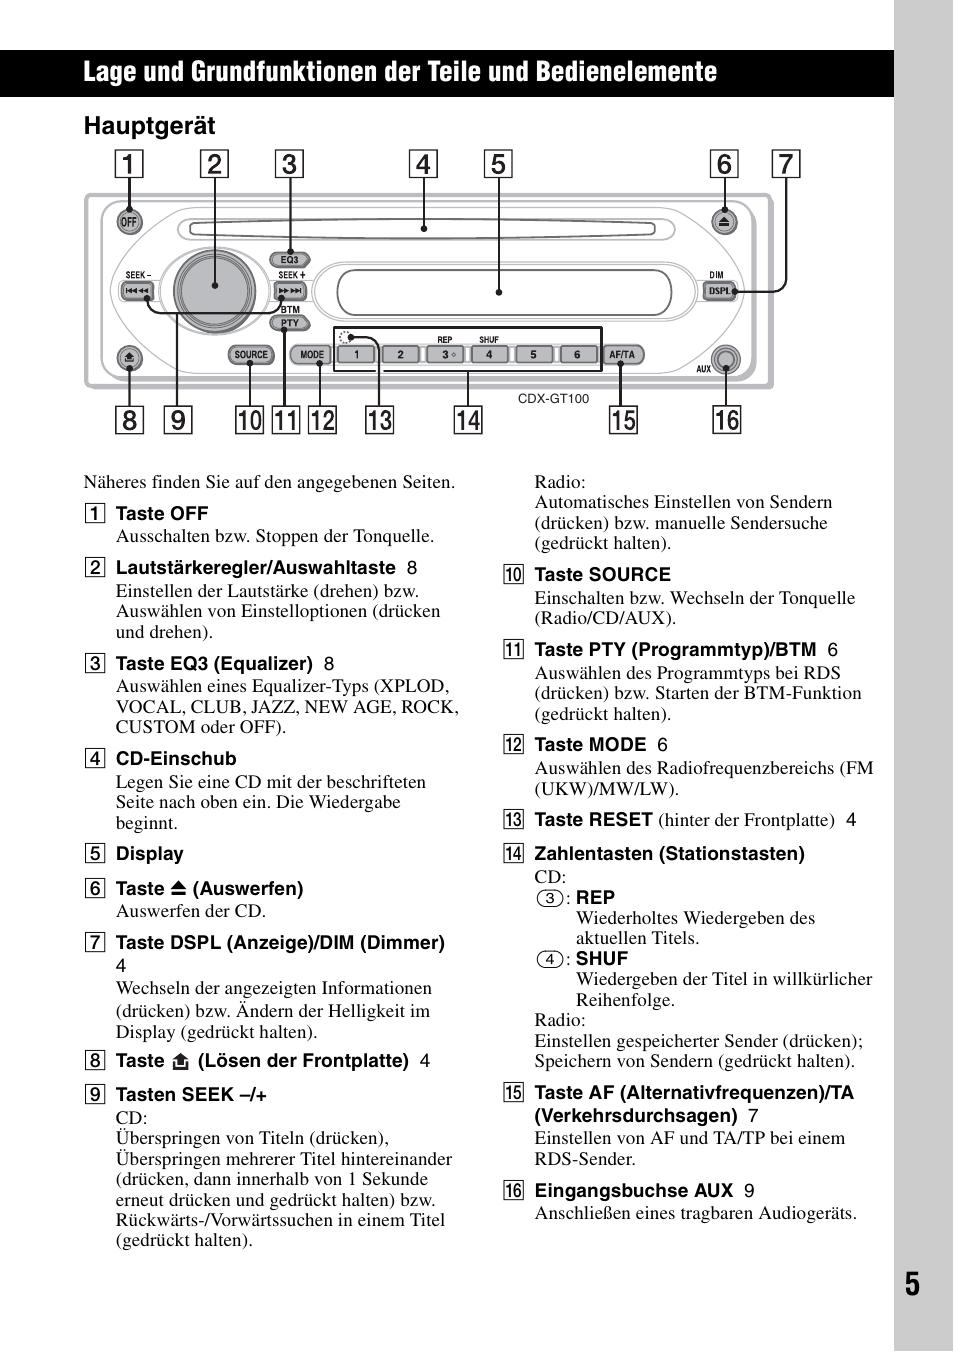 medium resolution of wire diagram cdx gt100 wire diagram wire diagram cdx gt100